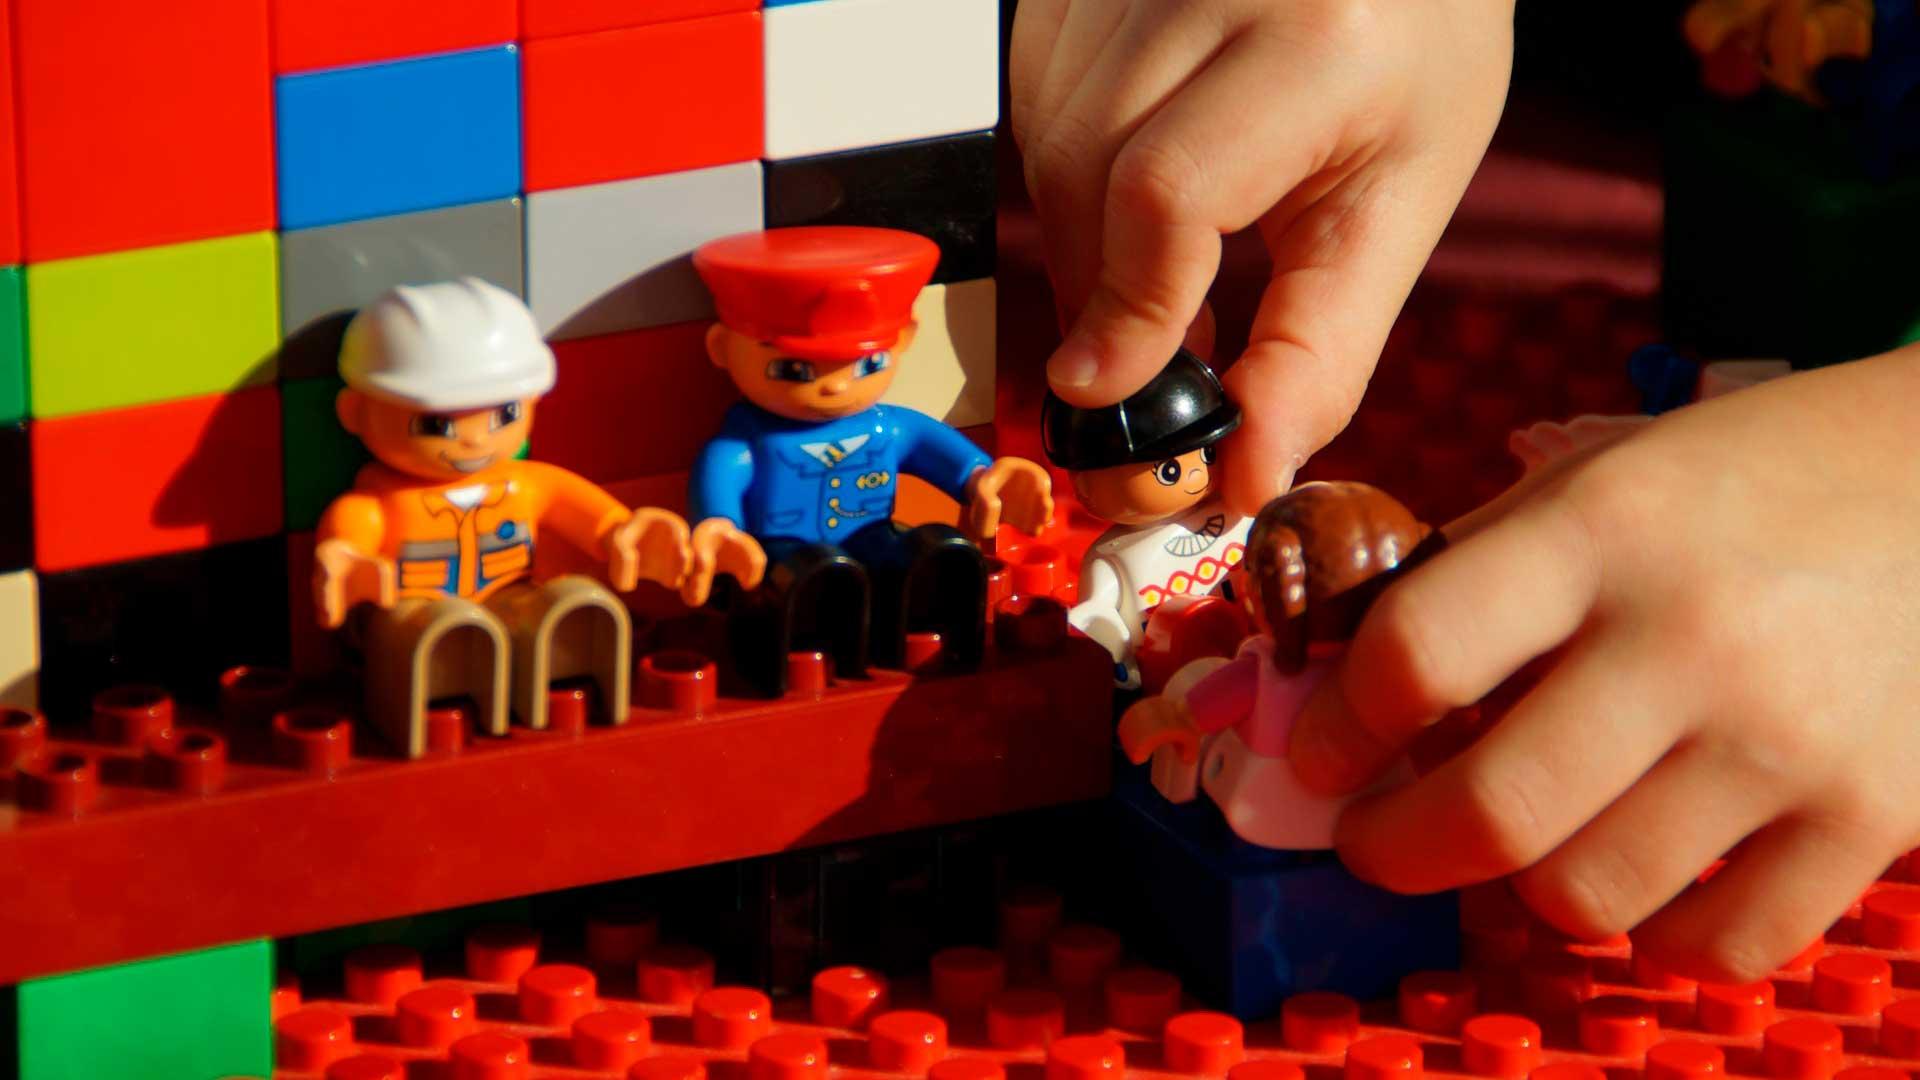 3 Atividades infantis que Estimulam a Criatividade - Criança brincando com legos construtores